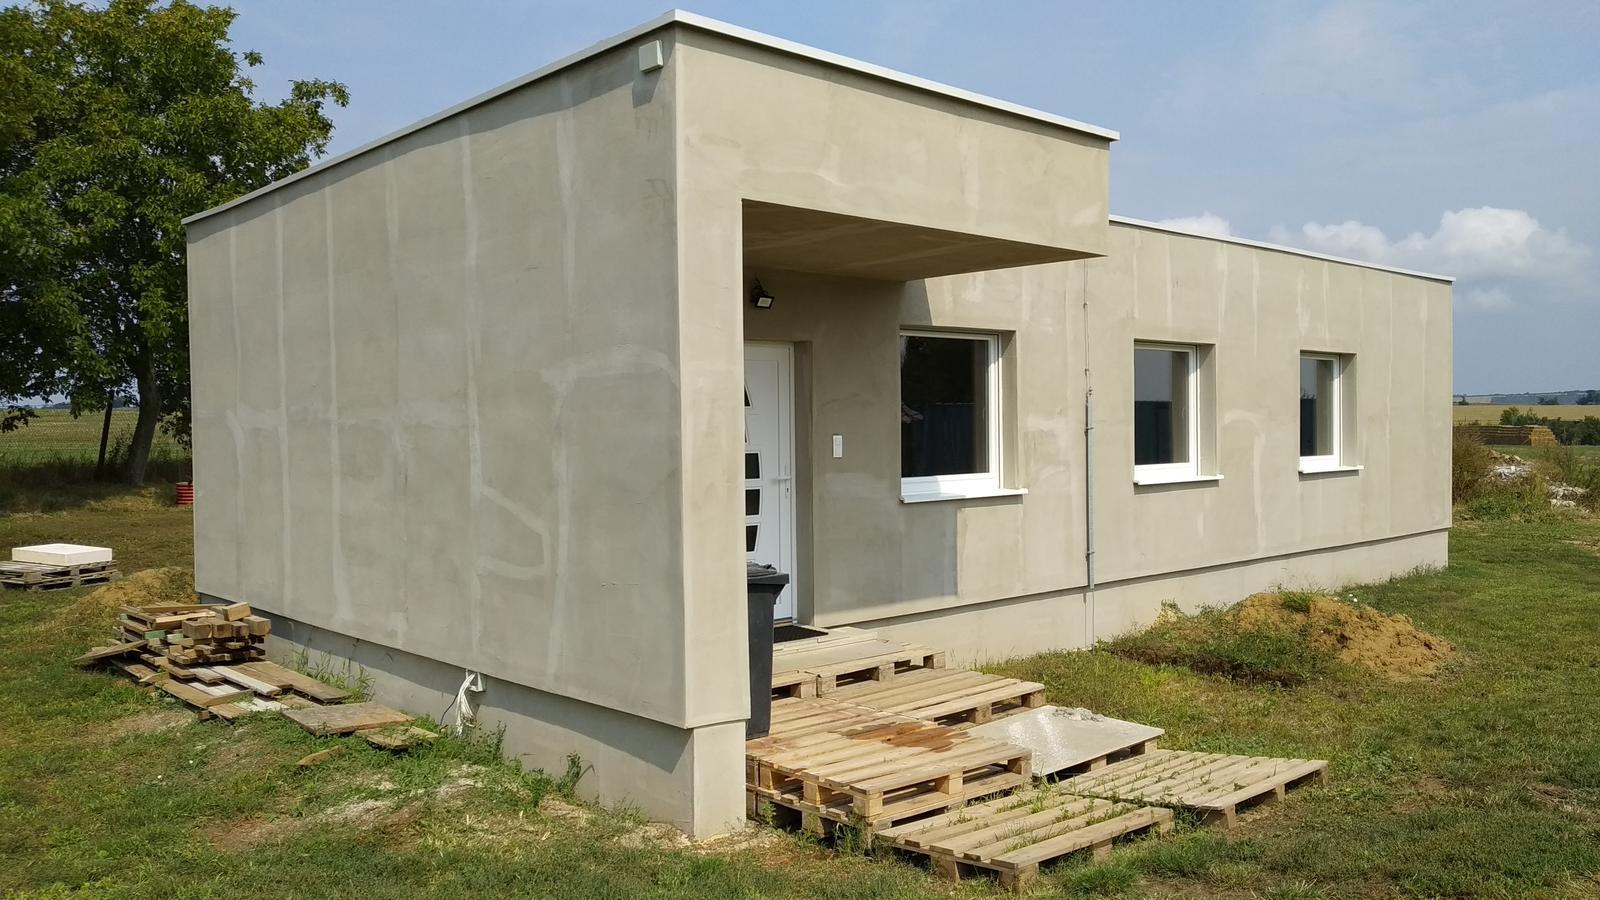 Kontajnerový dom po stieťkovaní - Obrázok č. 1